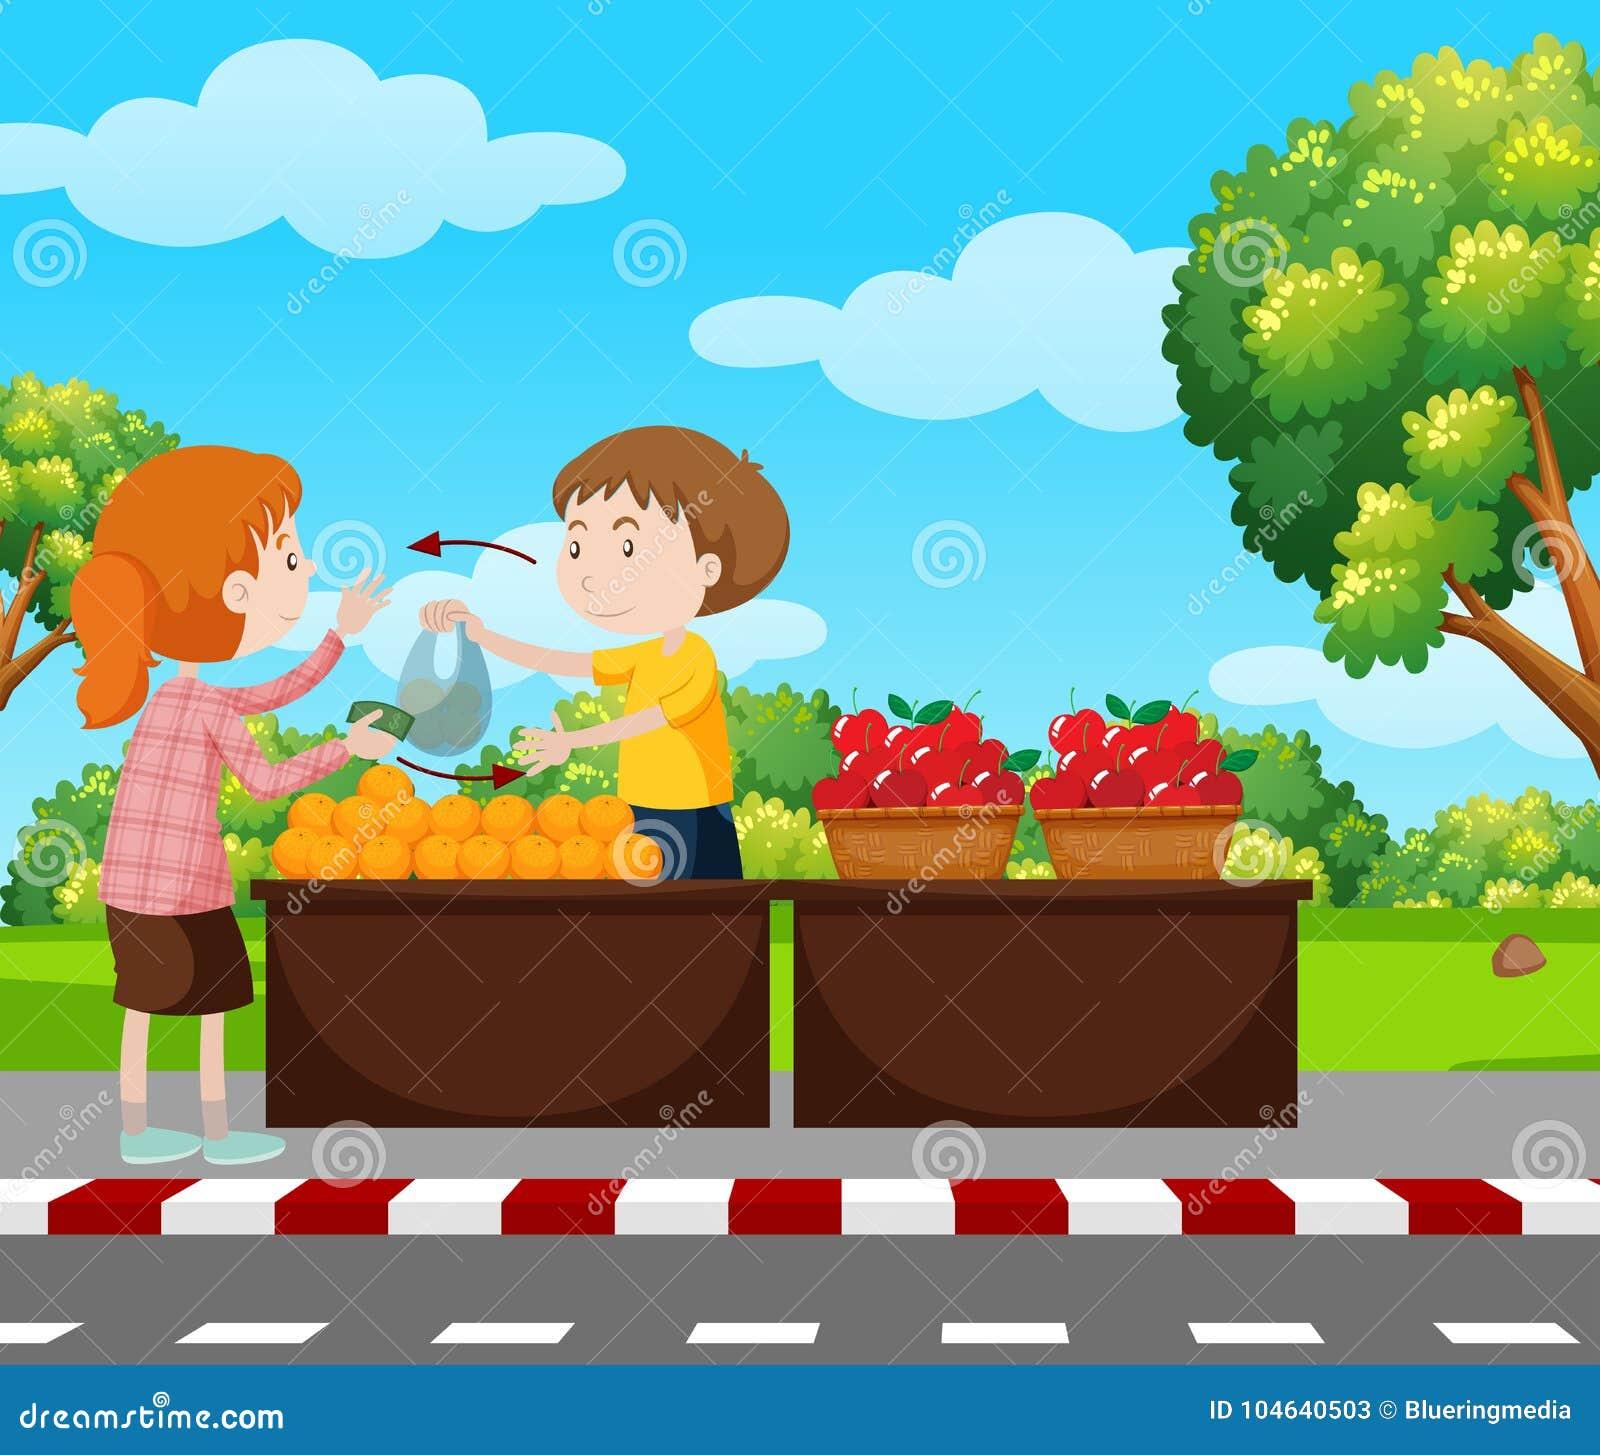 Download Jongens Verkopende Vruchten Op Bestrating Vector Illustratie - Illustratie bestaande uit student, achtergrond: 104640503